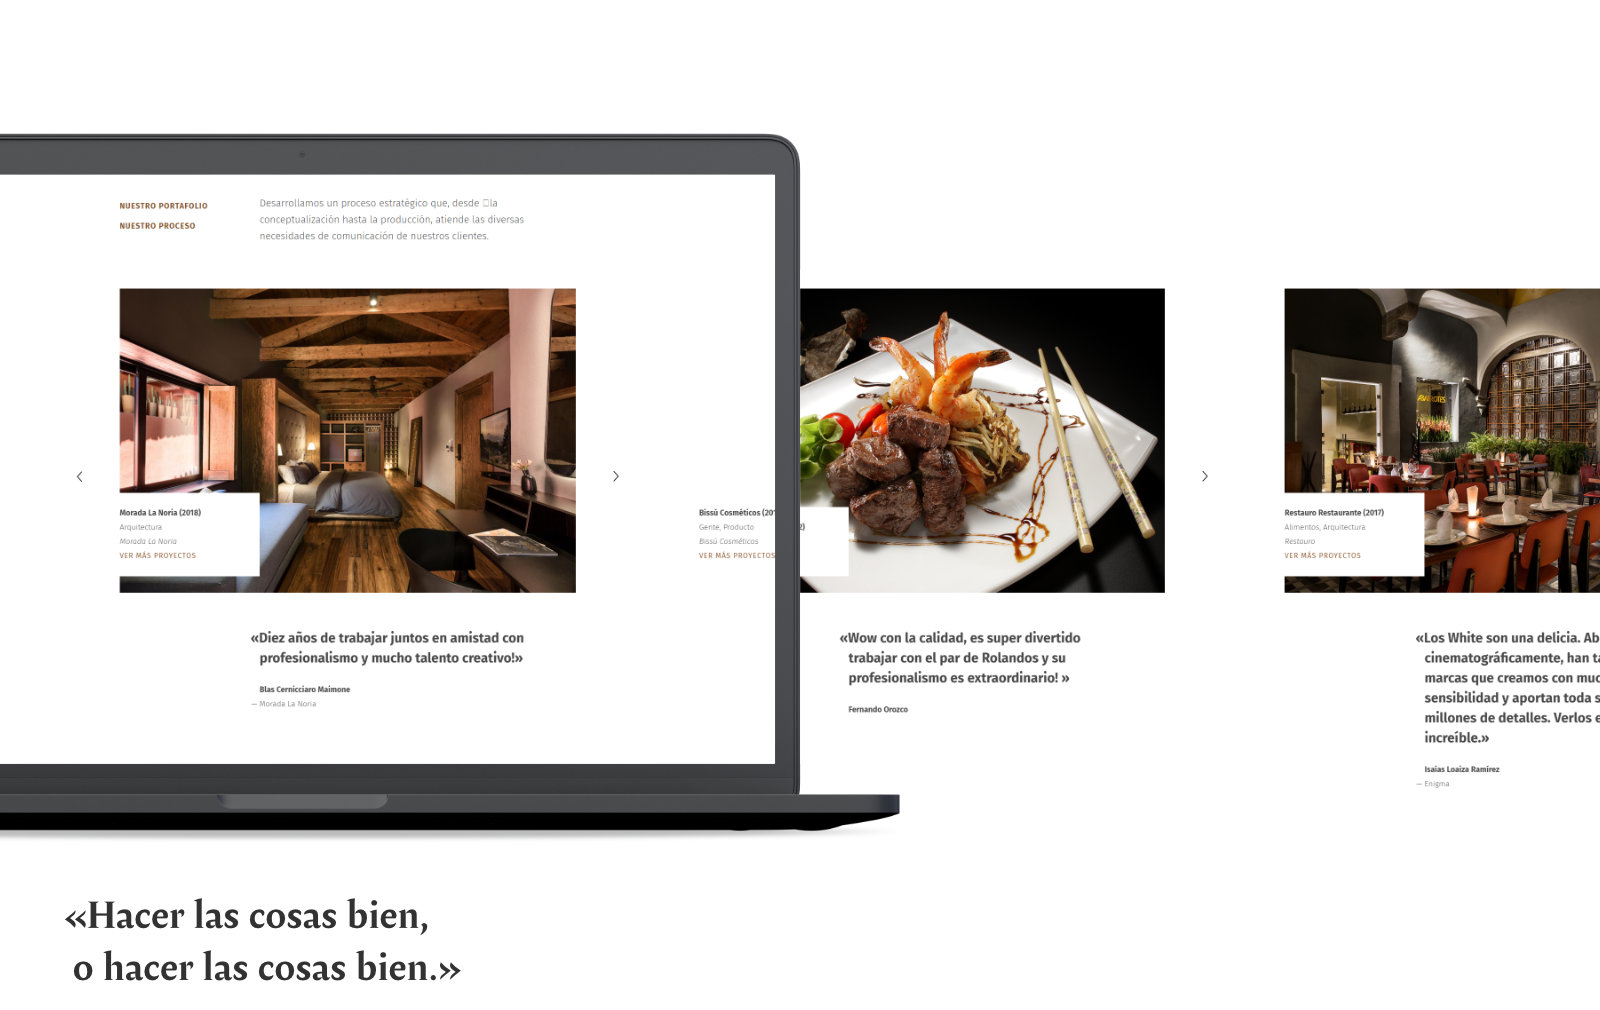 Laptop enseñando el homepage de Rolando White